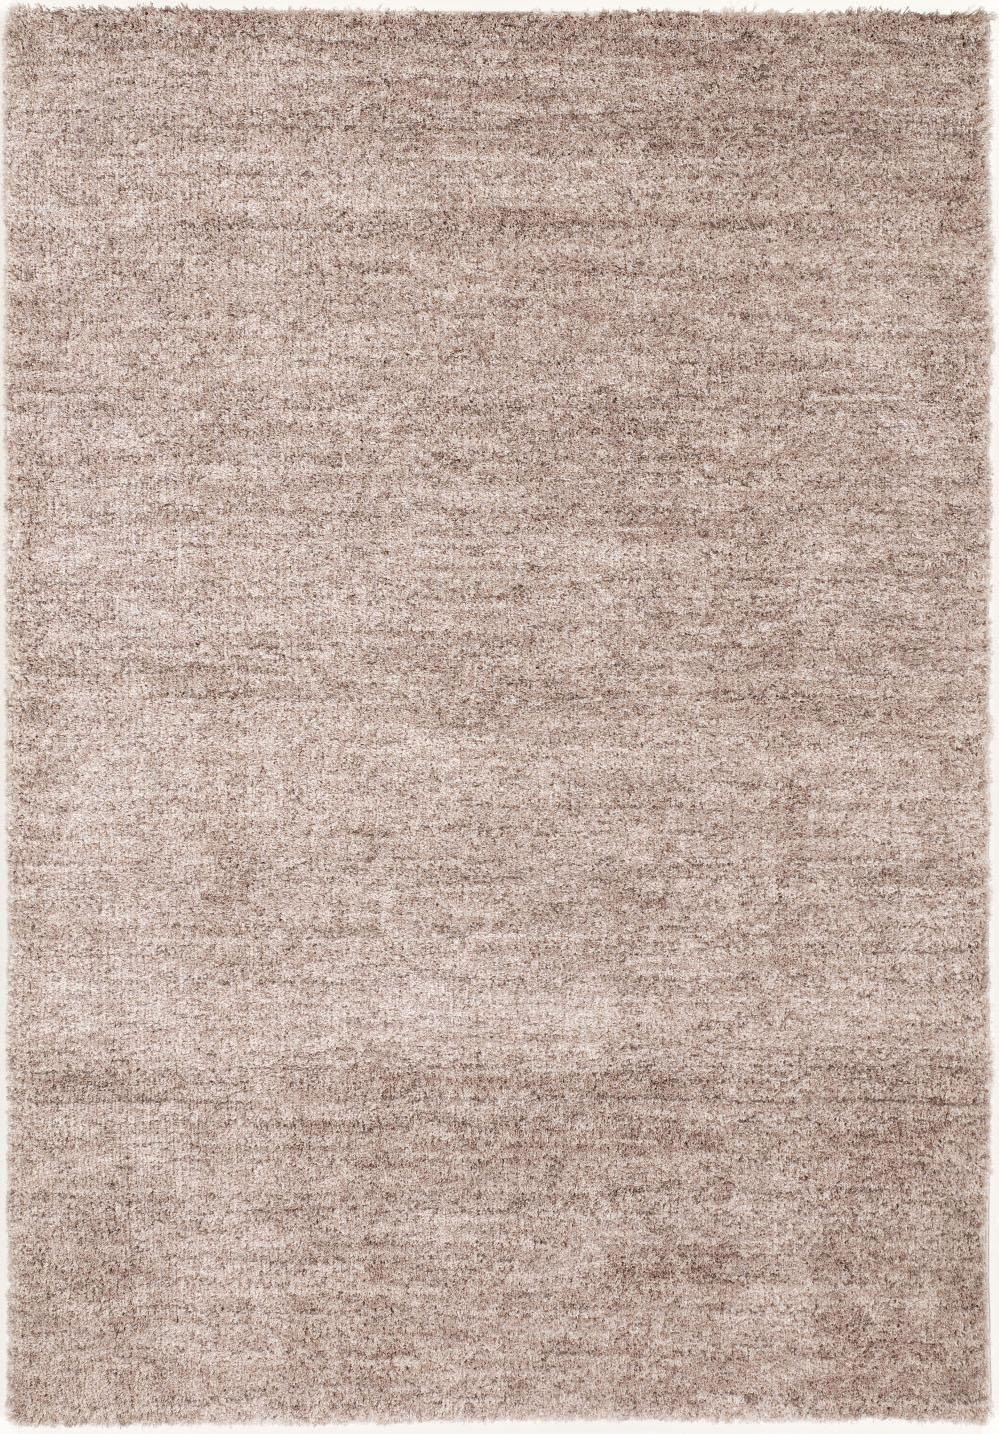 Hochflor-Teppich Adamo Stipes OCI DIE TEPPICHMARKE rechteckig Höhe 30 mm maschinell gewebt